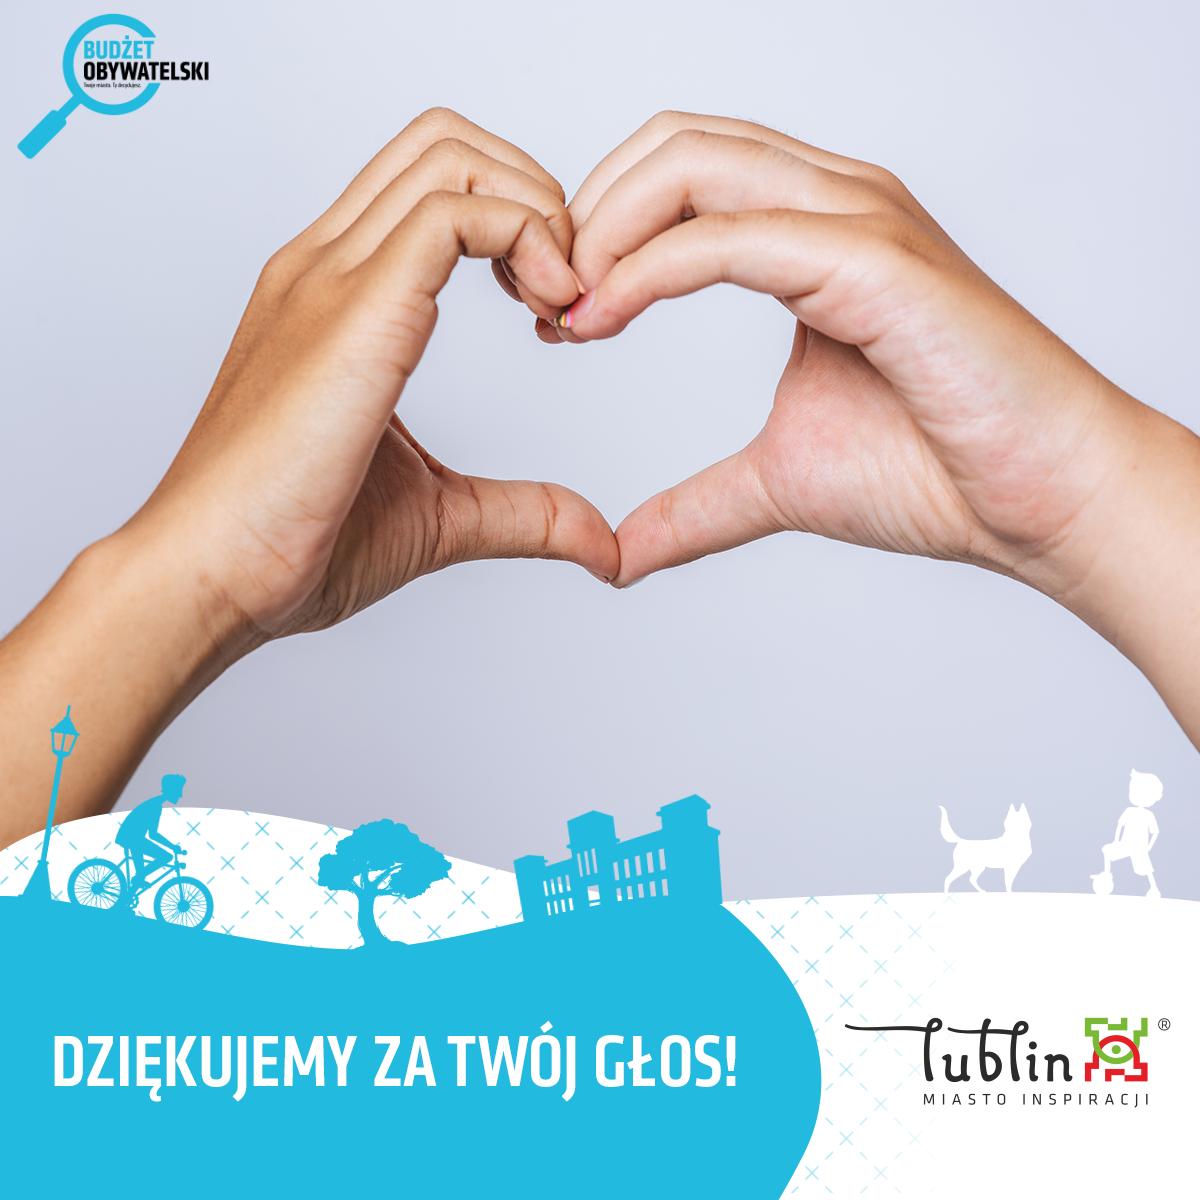 Lublin: Głosowane w Budżecie Obywatelskim zakończone - Zdjęcie główne